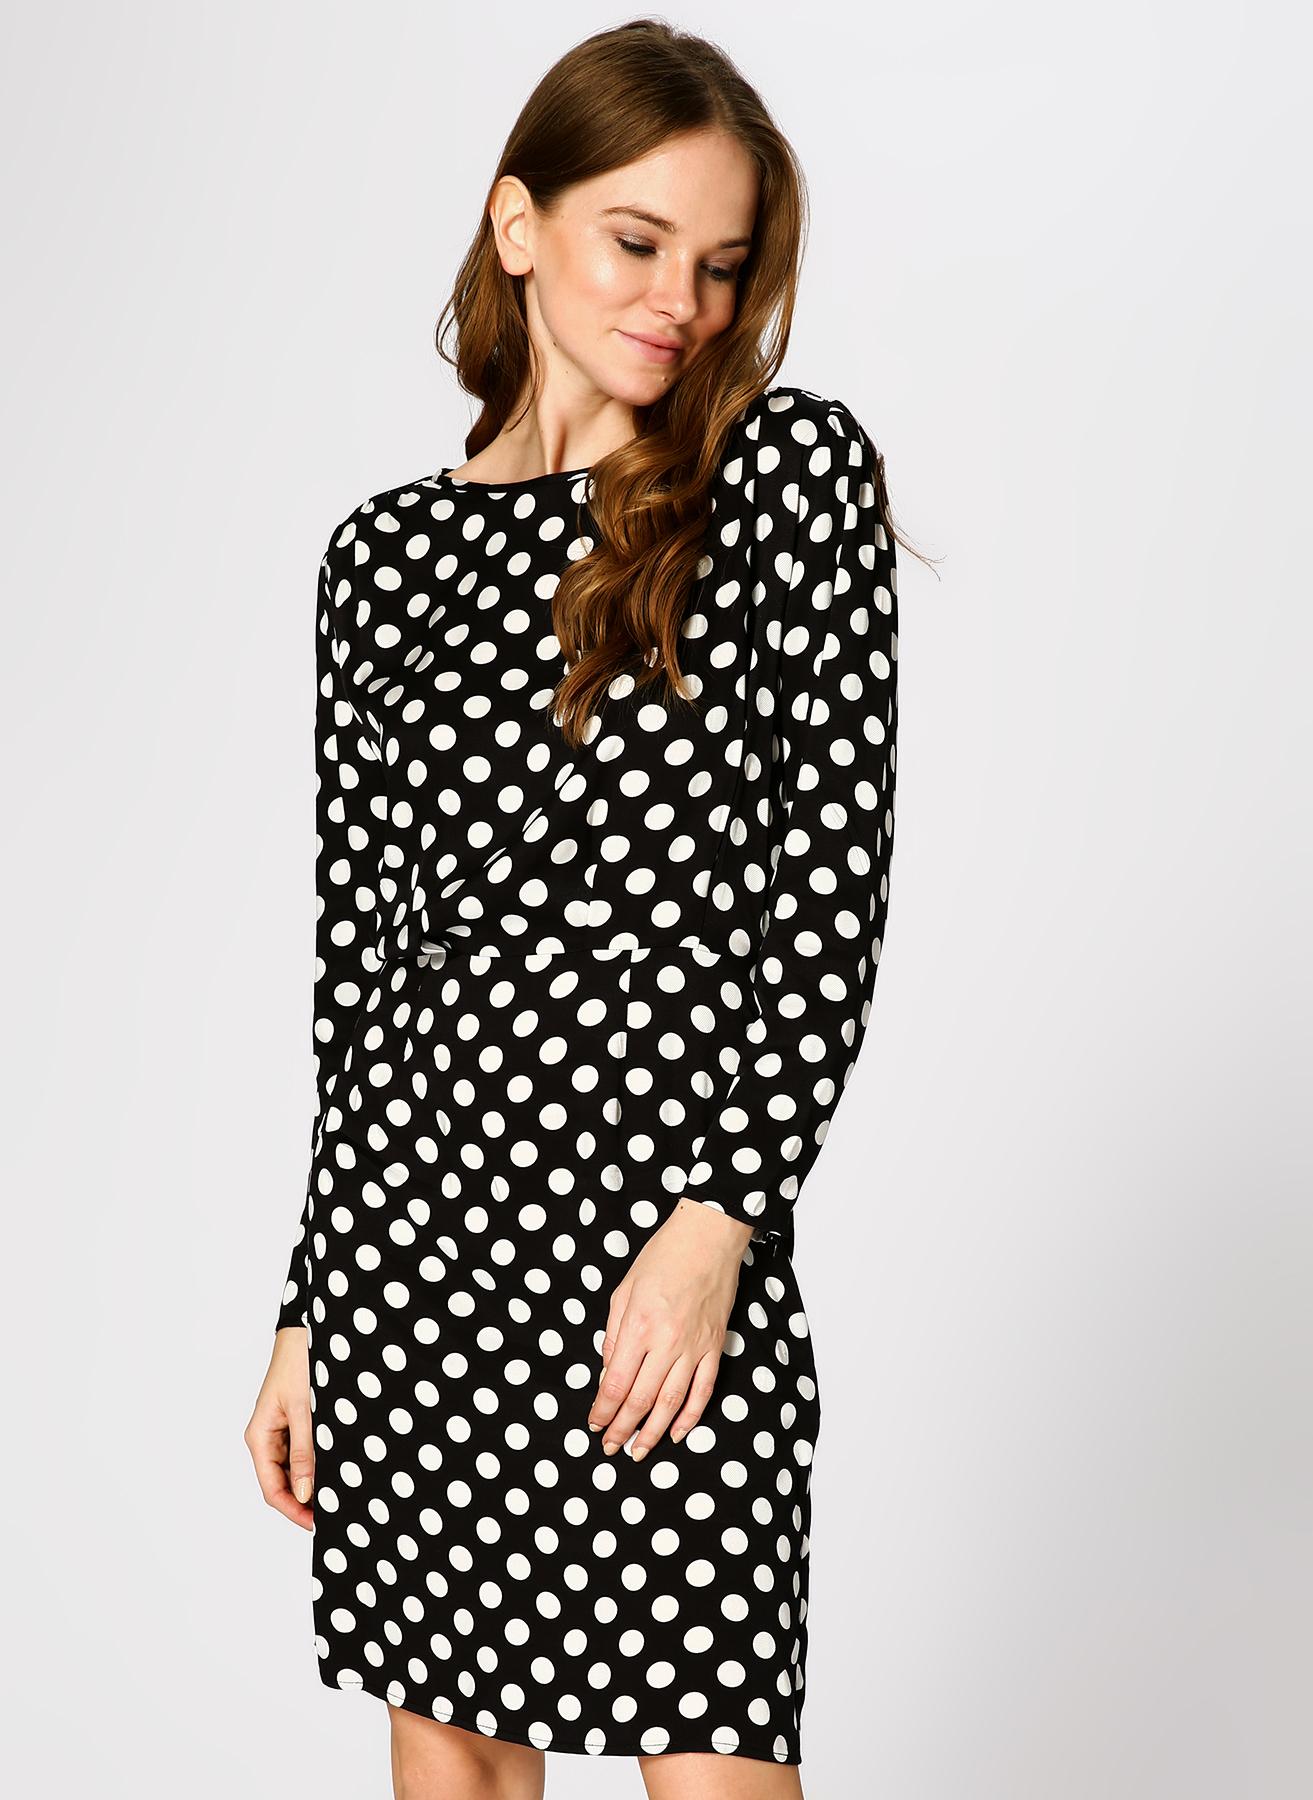 190f8dace7a81 Koton Puantiyeli Siyah-Beyaz Elbise 34 5002311857001 Fiyatları ...